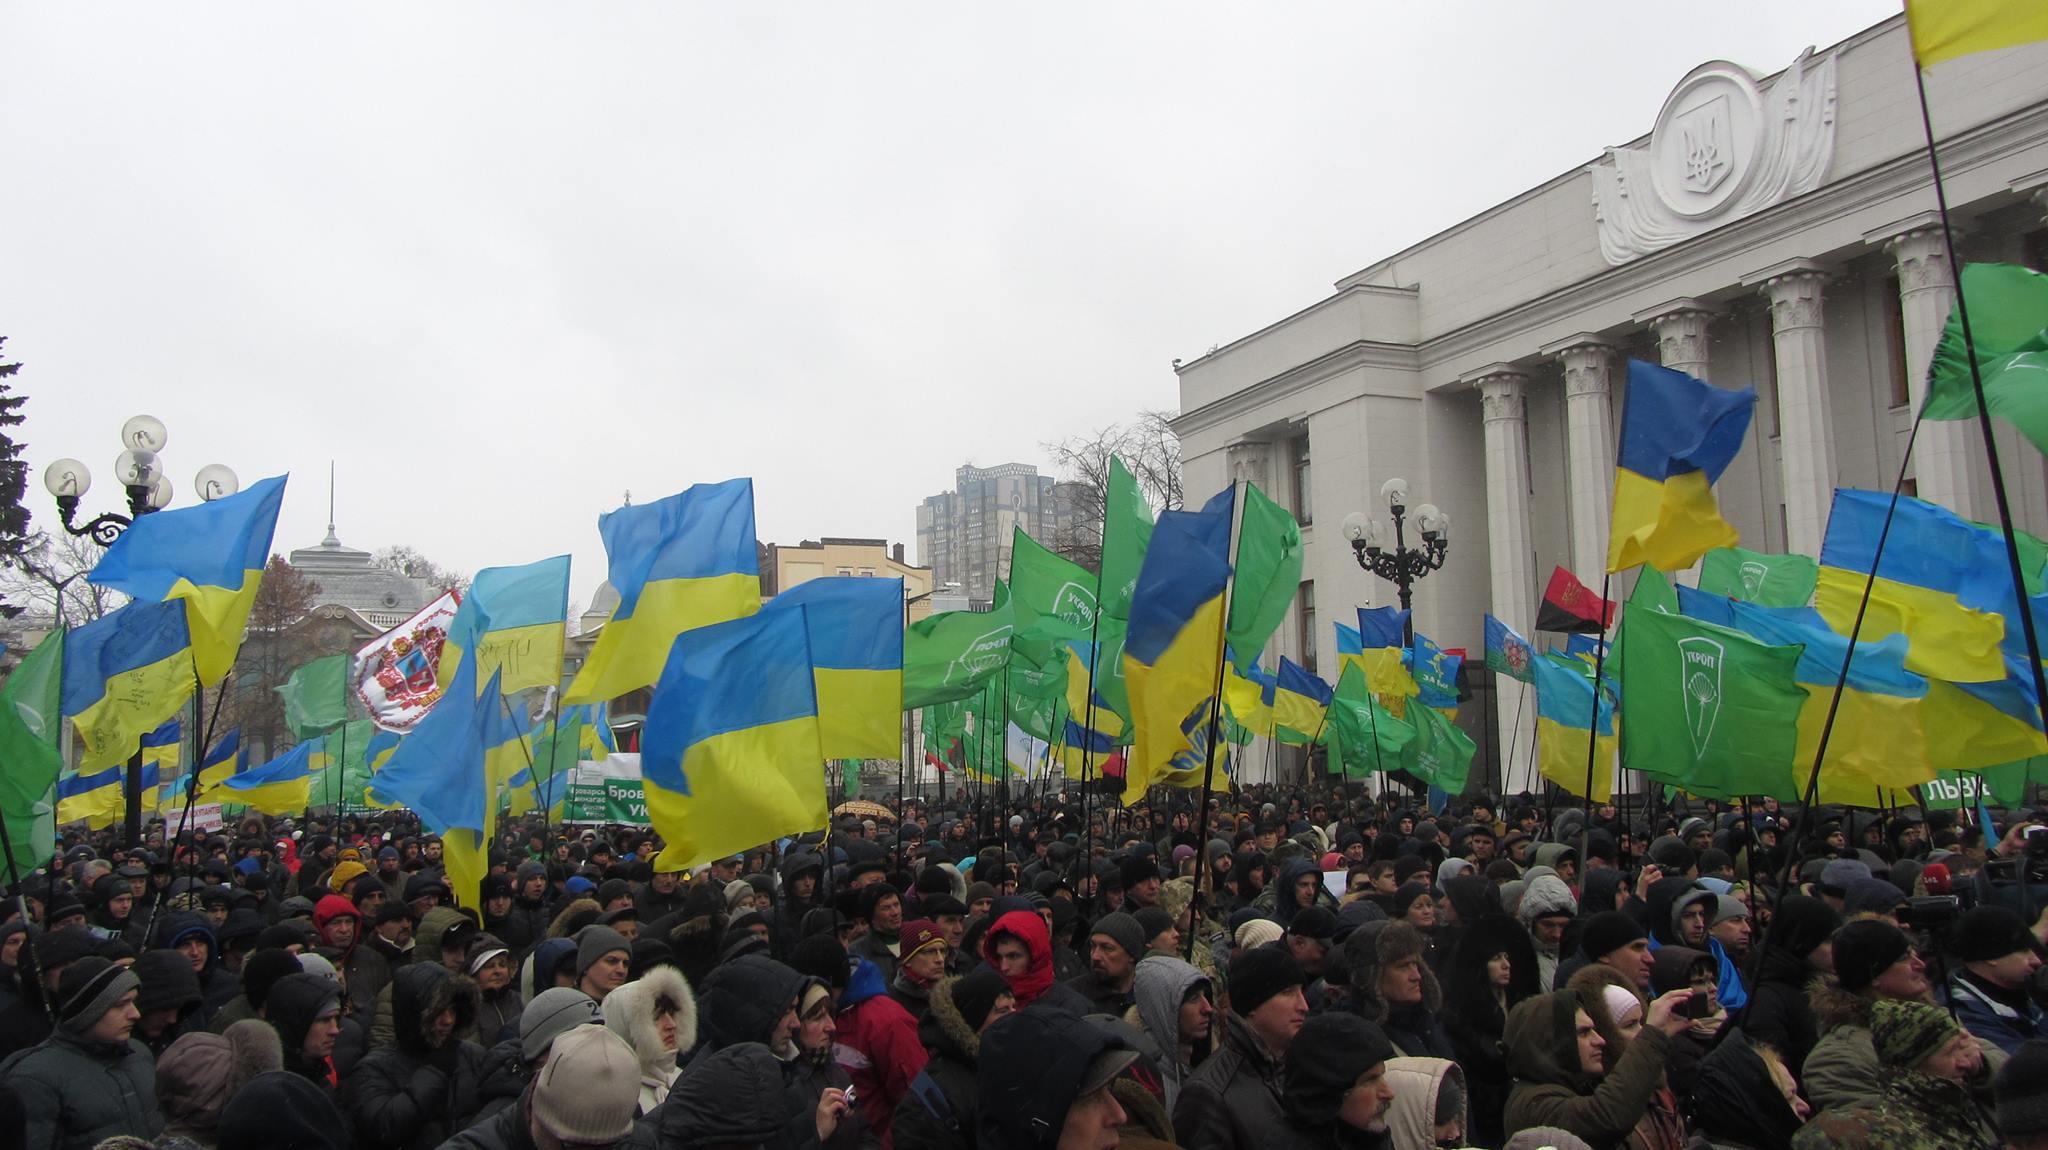 Закарпатський УКРОП взяв участь у багатотисячному мітингу у Києві на підтримку торговельної блокади ОРДЛО